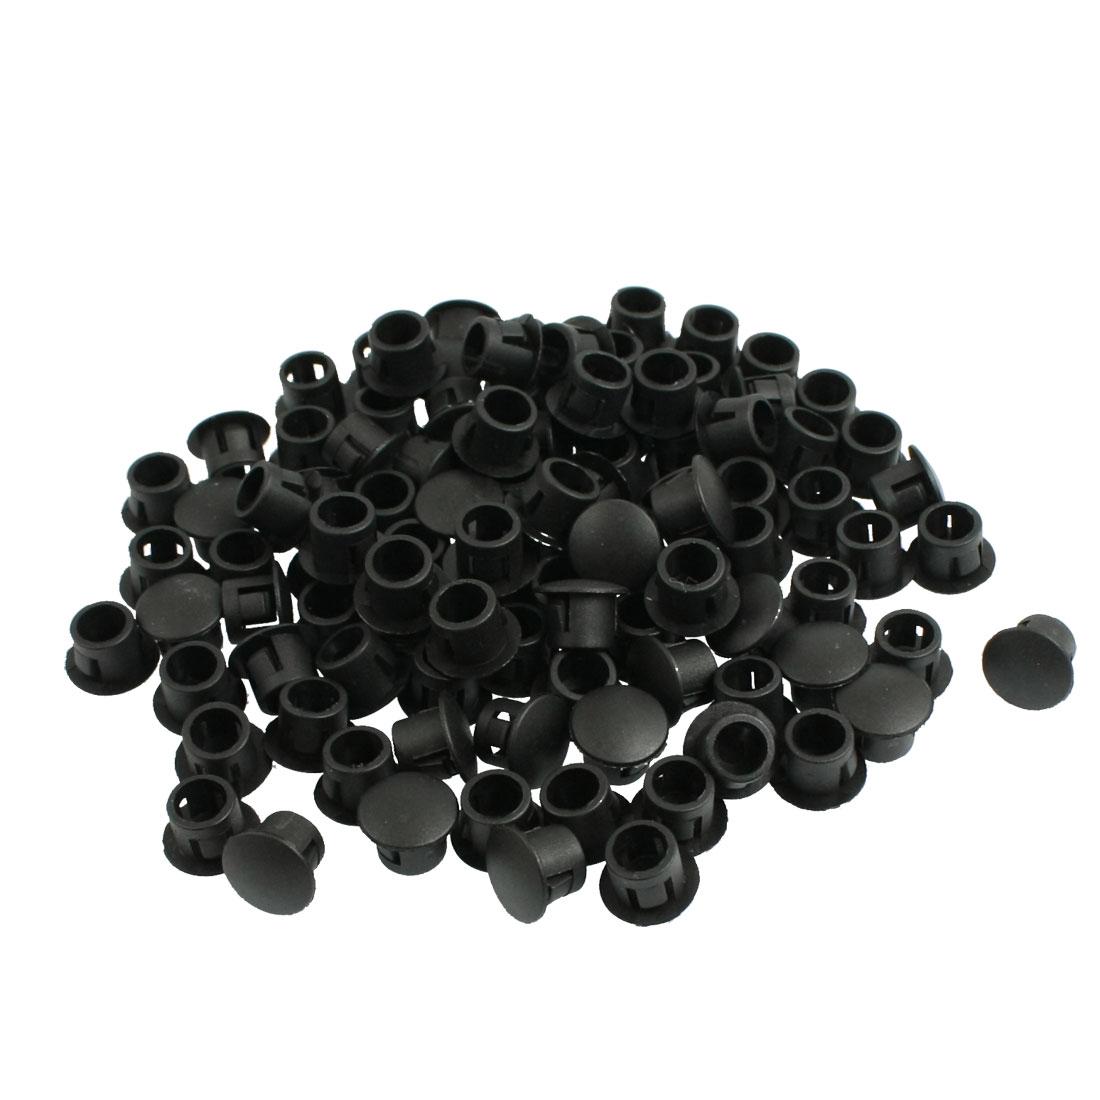 """100 Pcs 7/16"""" Head Plastic Locking 5/16"""" Dia Hole Plugs Black"""